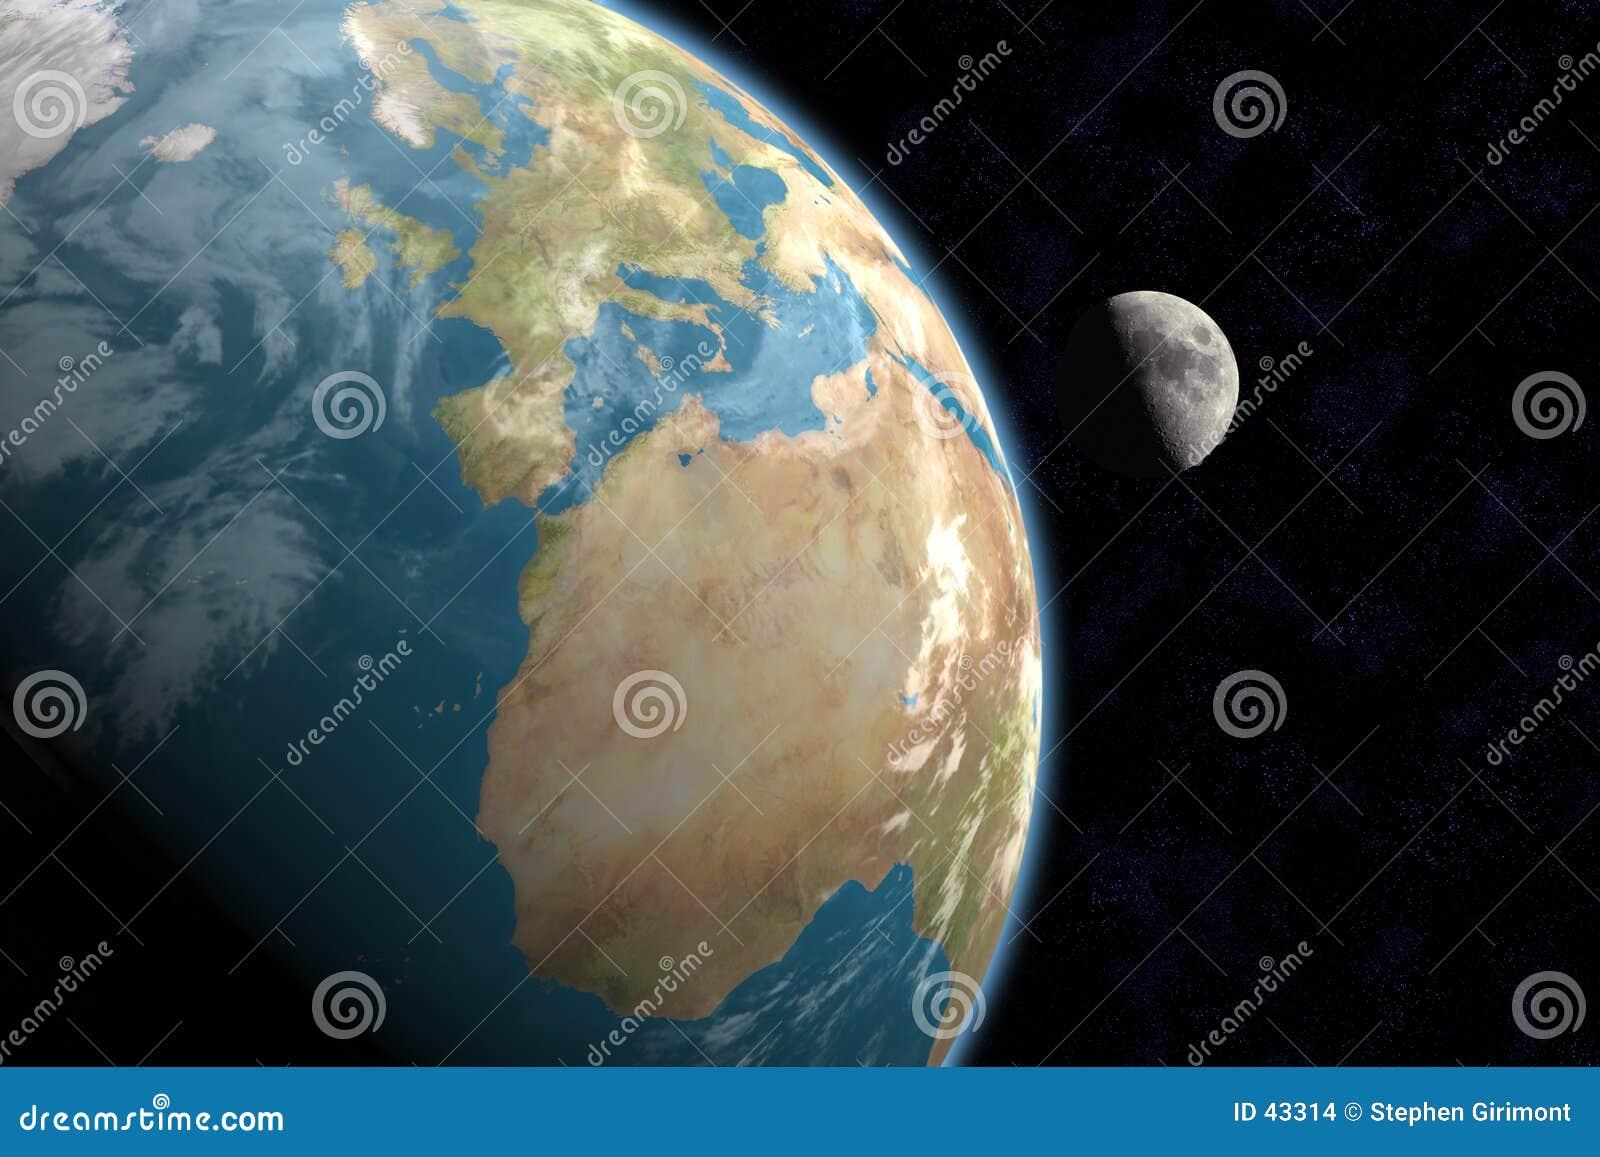 Księżycu, gwiazdach afryce.